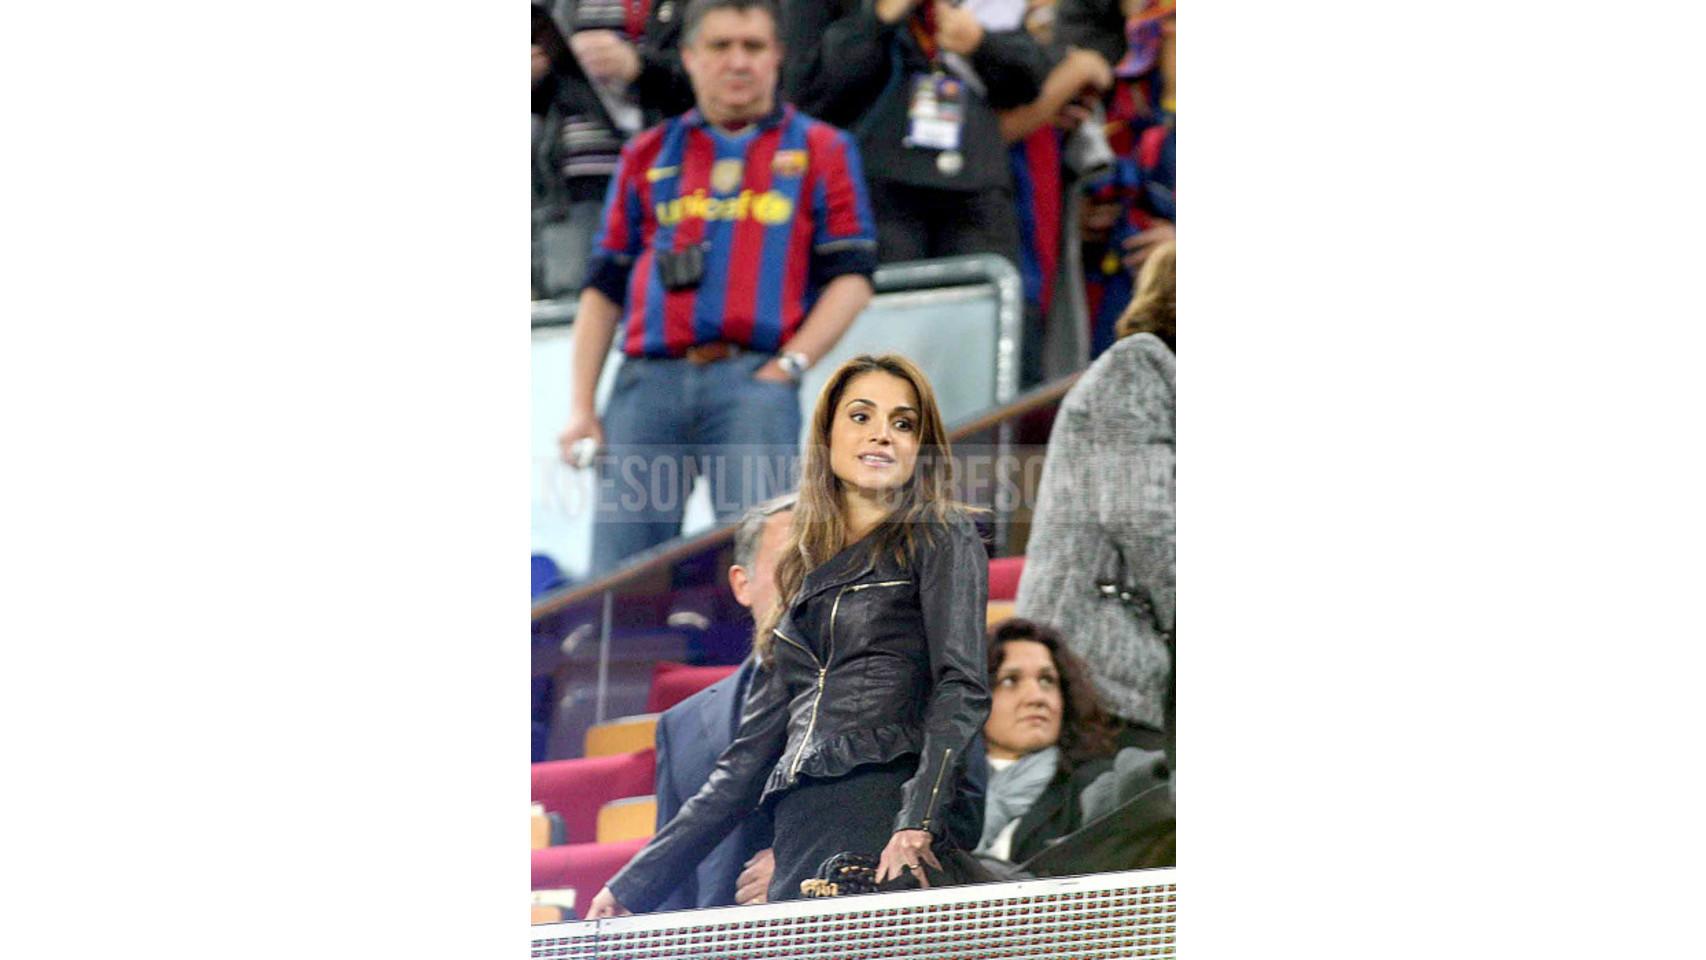 Durante un partido de liga en el Nou Camp, Barcelona (13-11-2010).